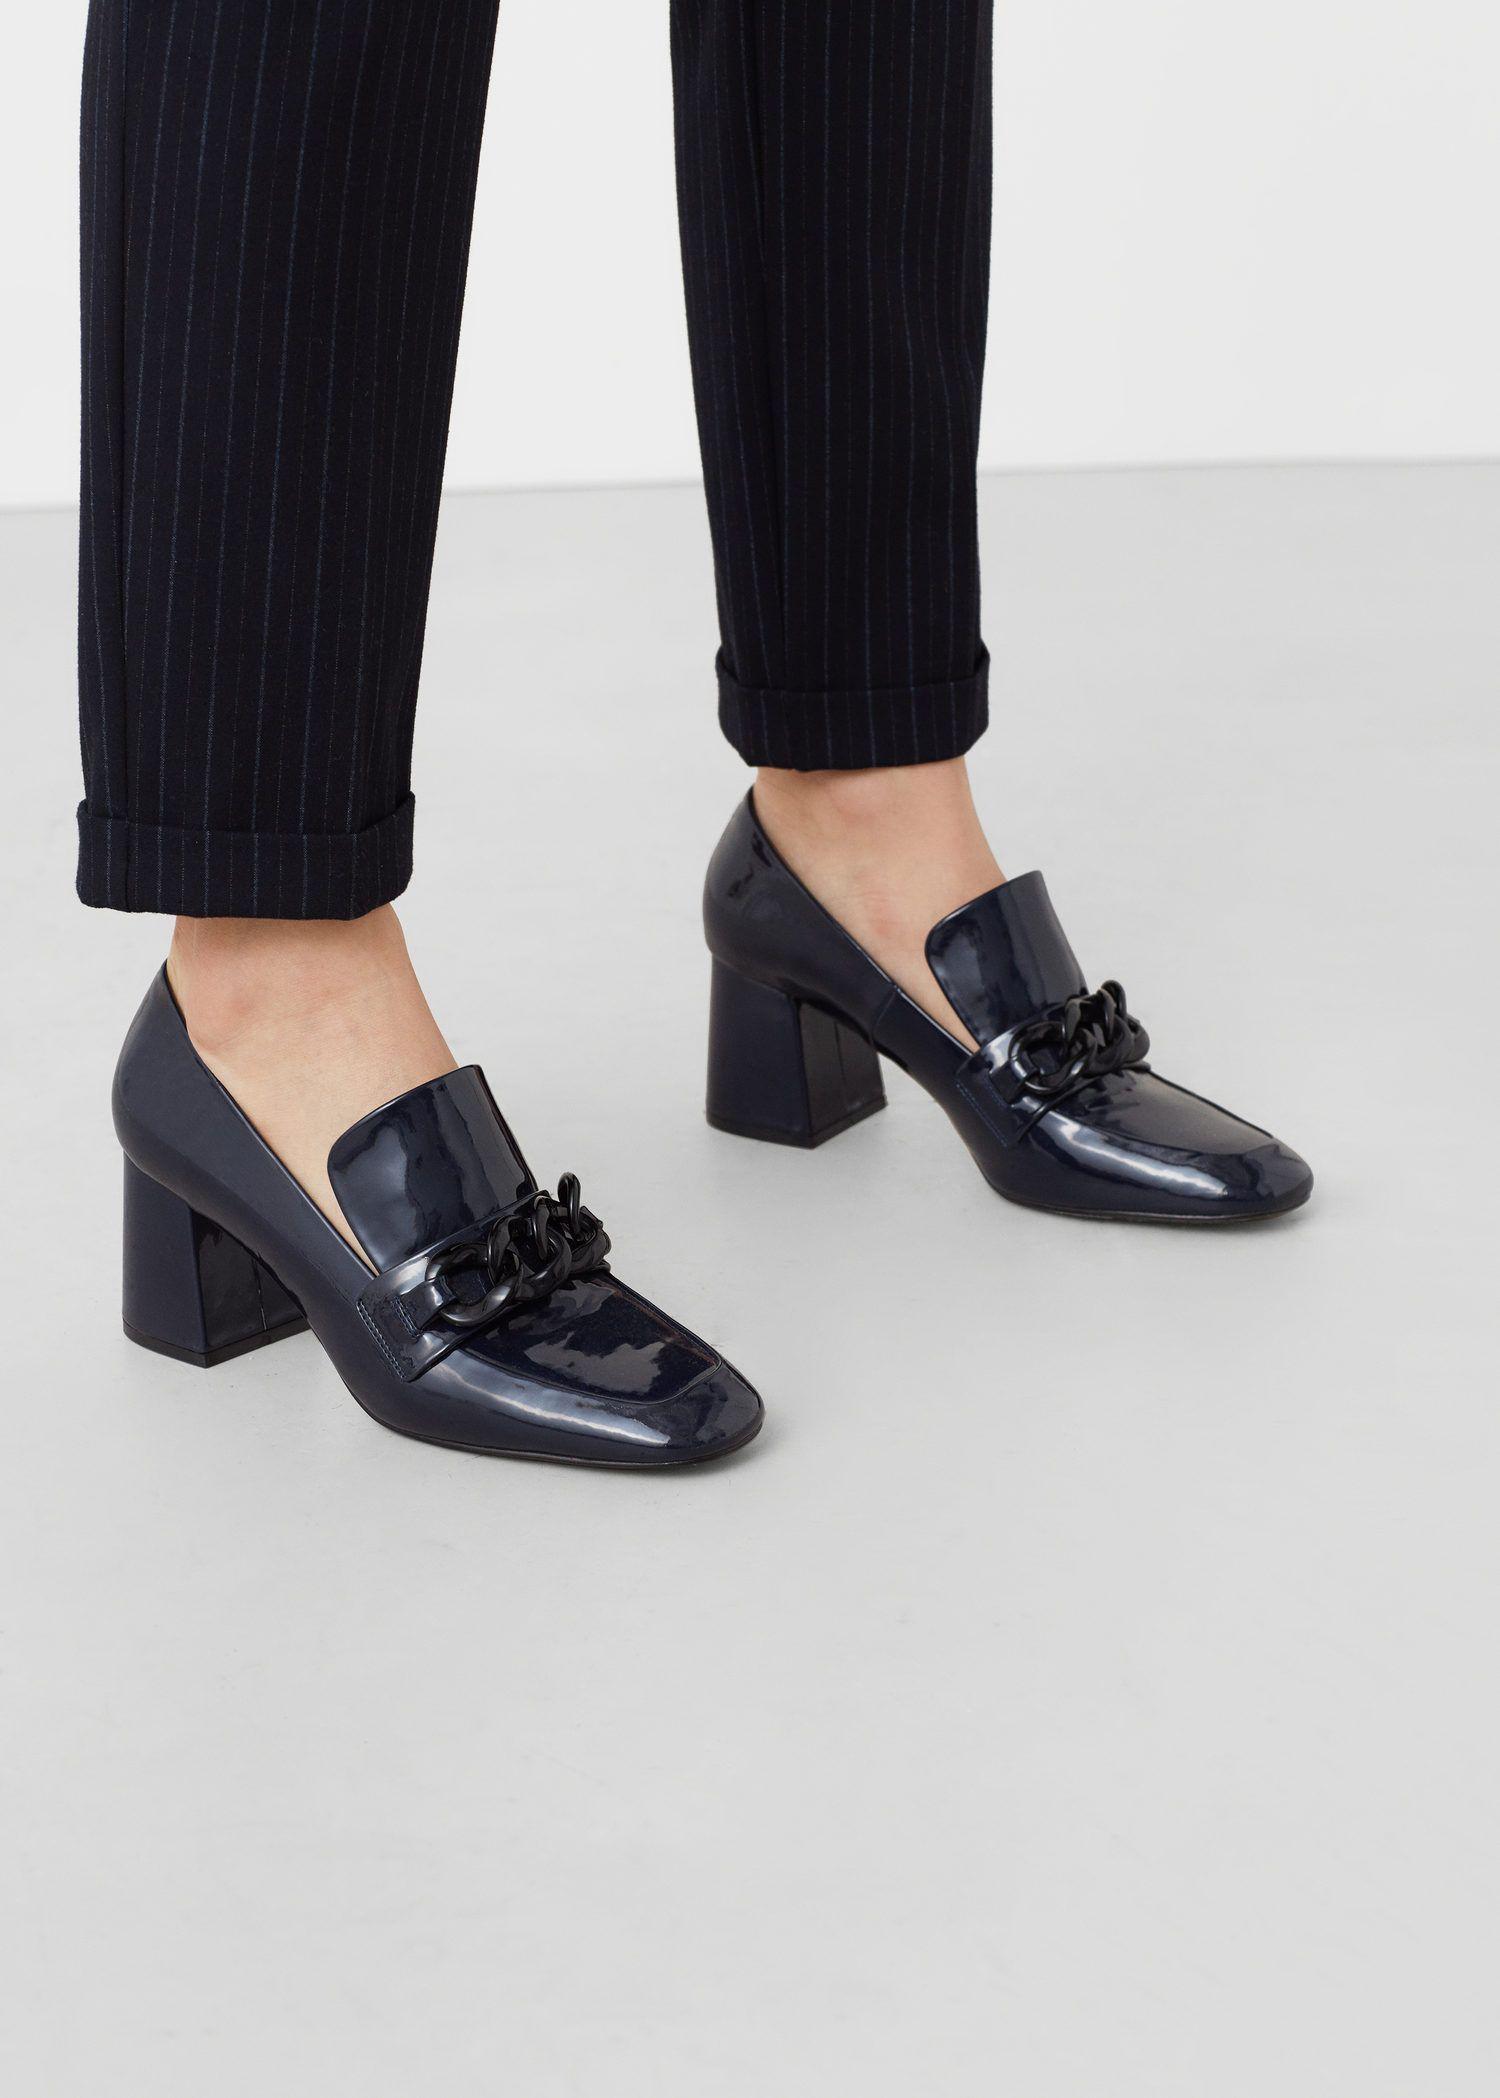 Canarias MujerMango De Islas En Charol Zapatos Zapato Moda QrCxeWdBo